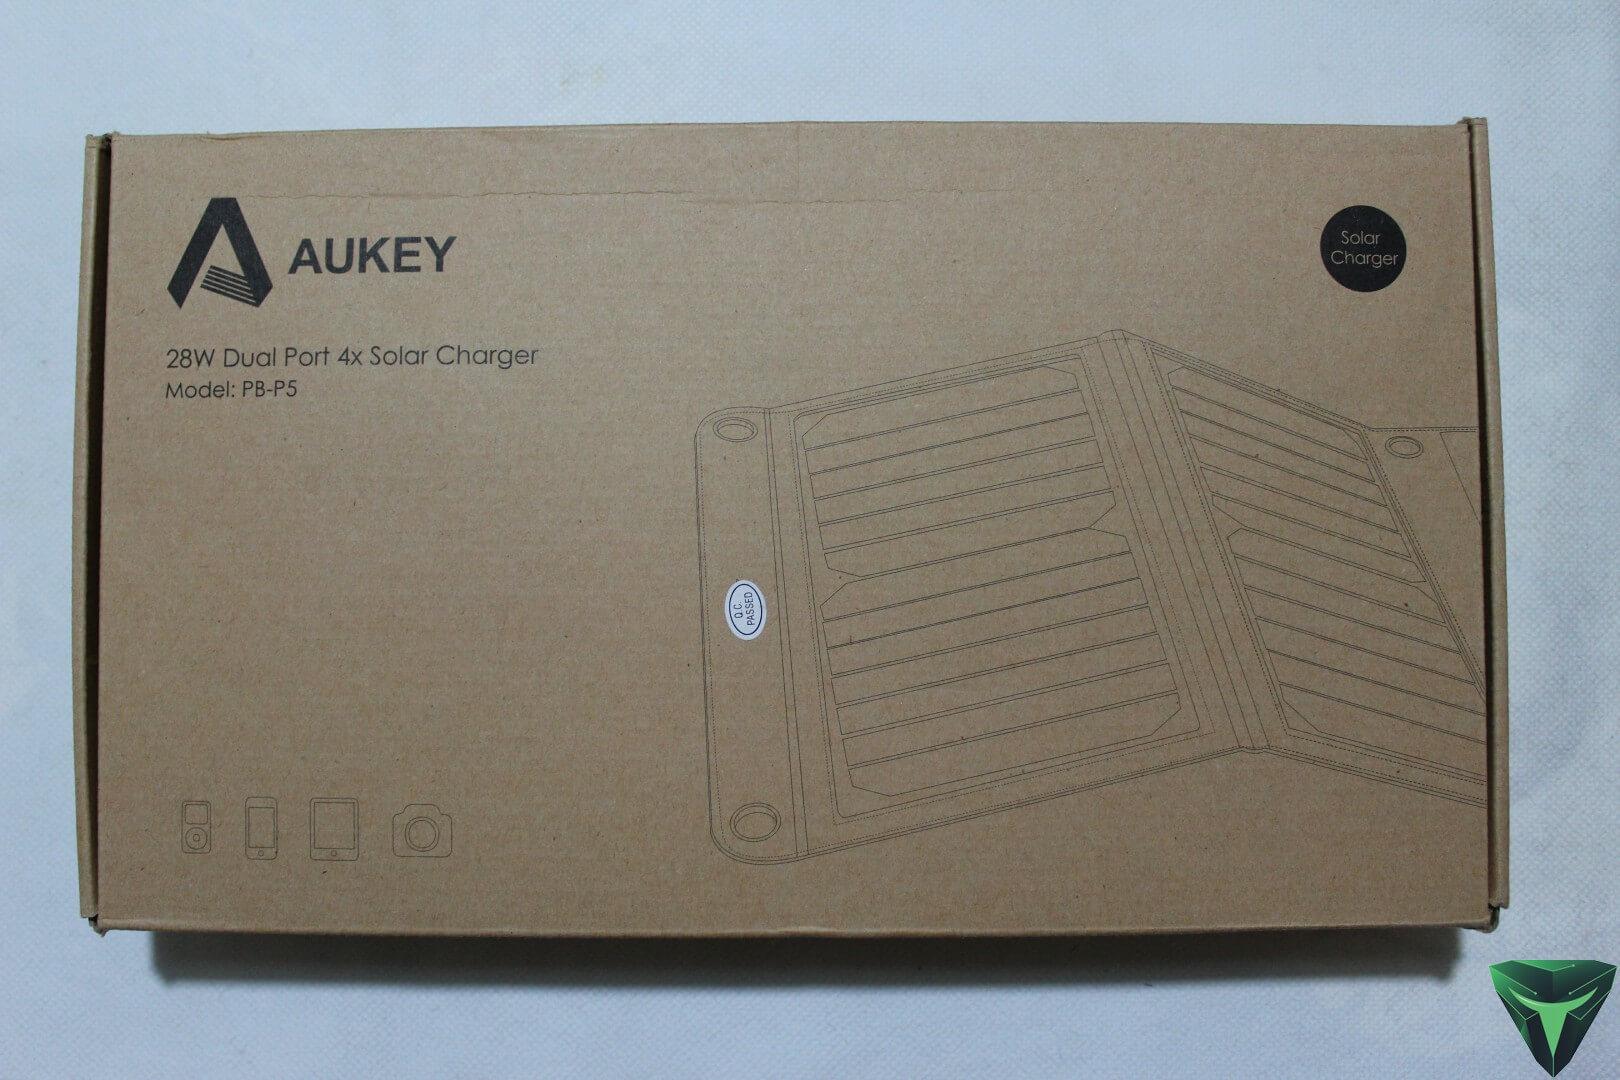 Aukey Pannello Solare PB-P5 recensione